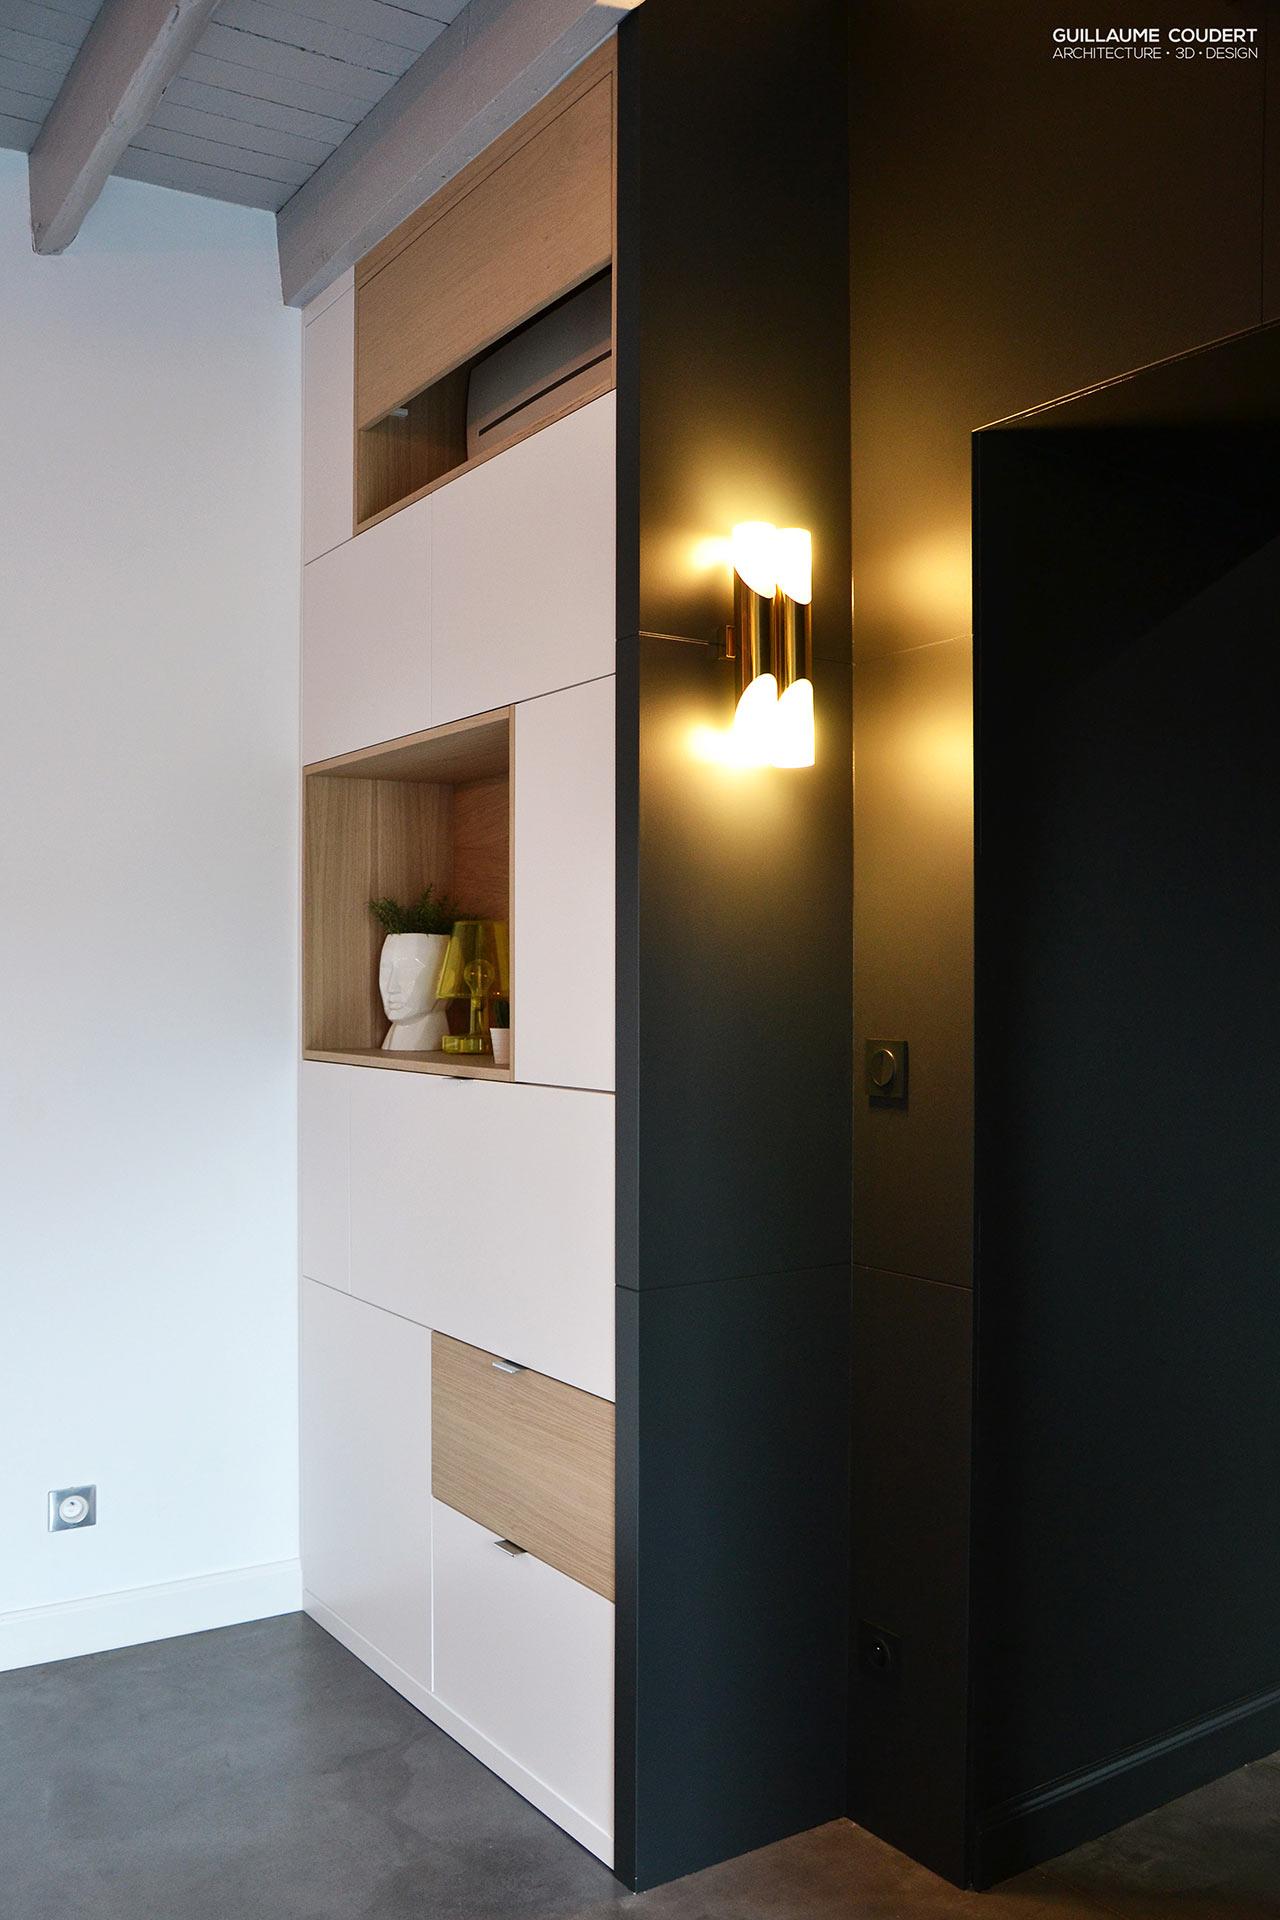 architecture-interieur-guillaume-coudert-conception-meuble-sur-mesure-meuble-entree-avec-secretaire-niche-placage-bois-peinture-lamp-black-little-green-apllique-vintage-laiton Frais De Boutique De Meuble Conception